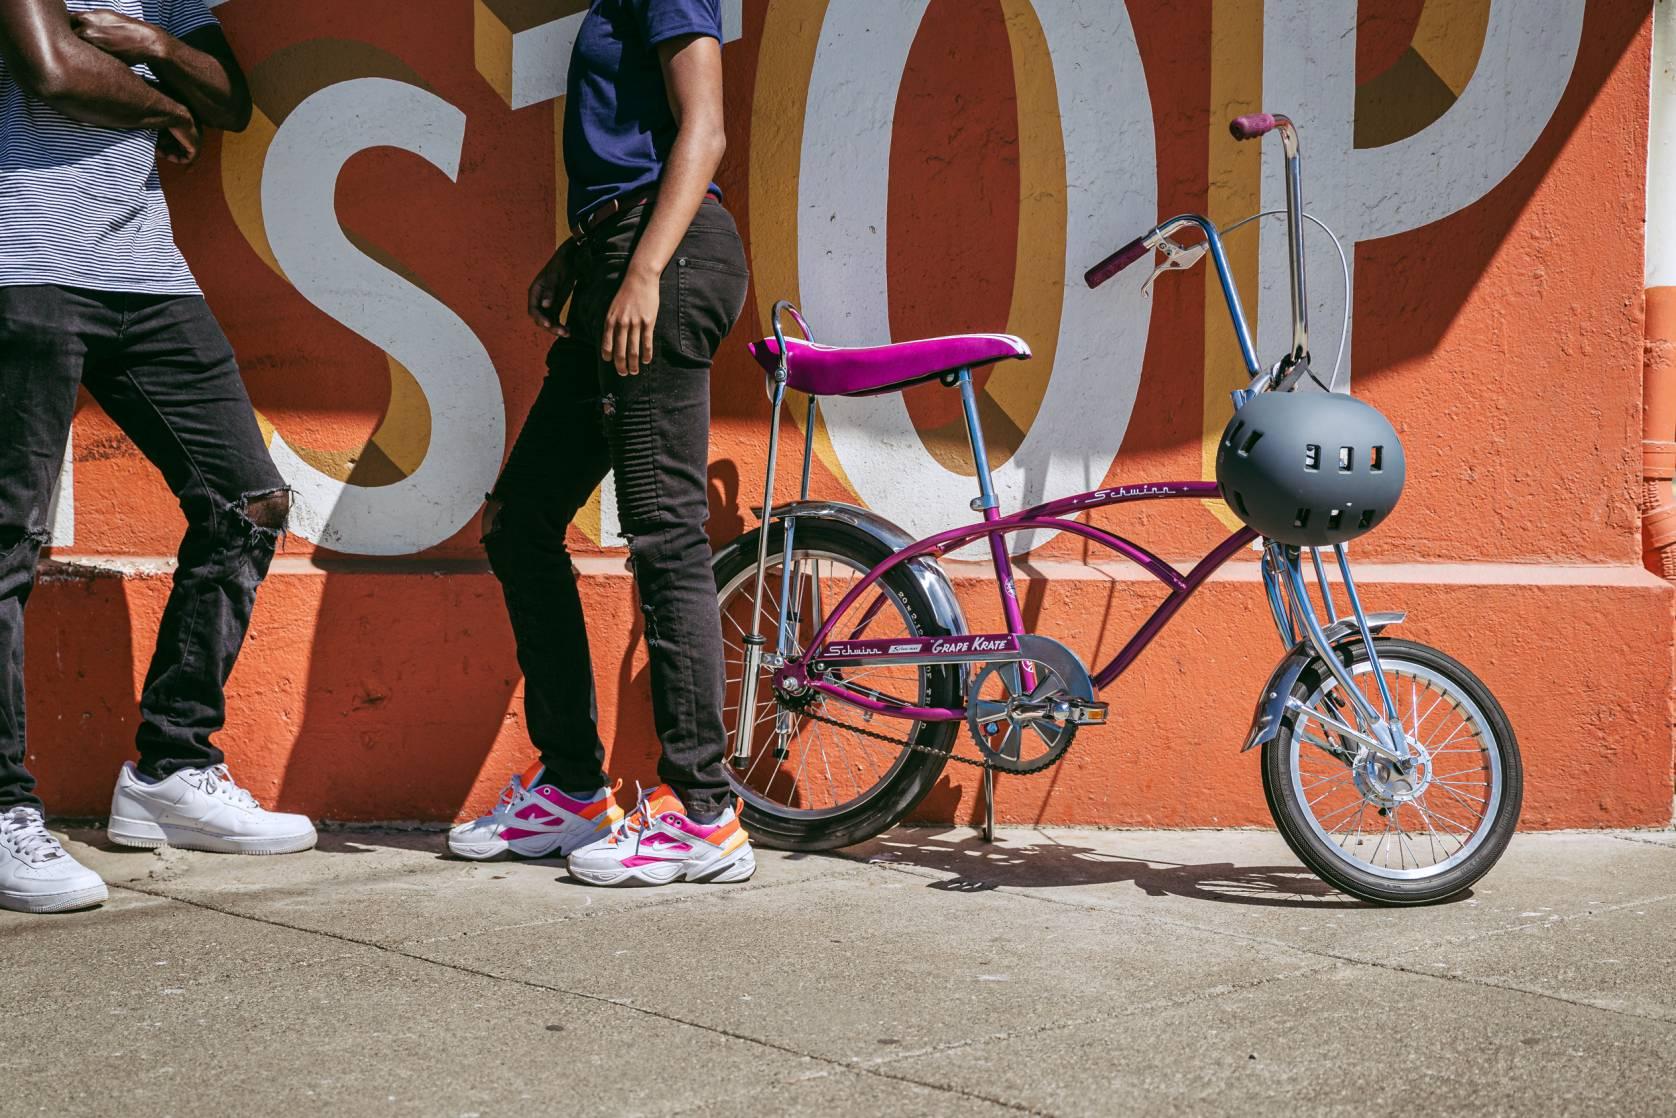 Schwinn Grape Krate retro bicycle